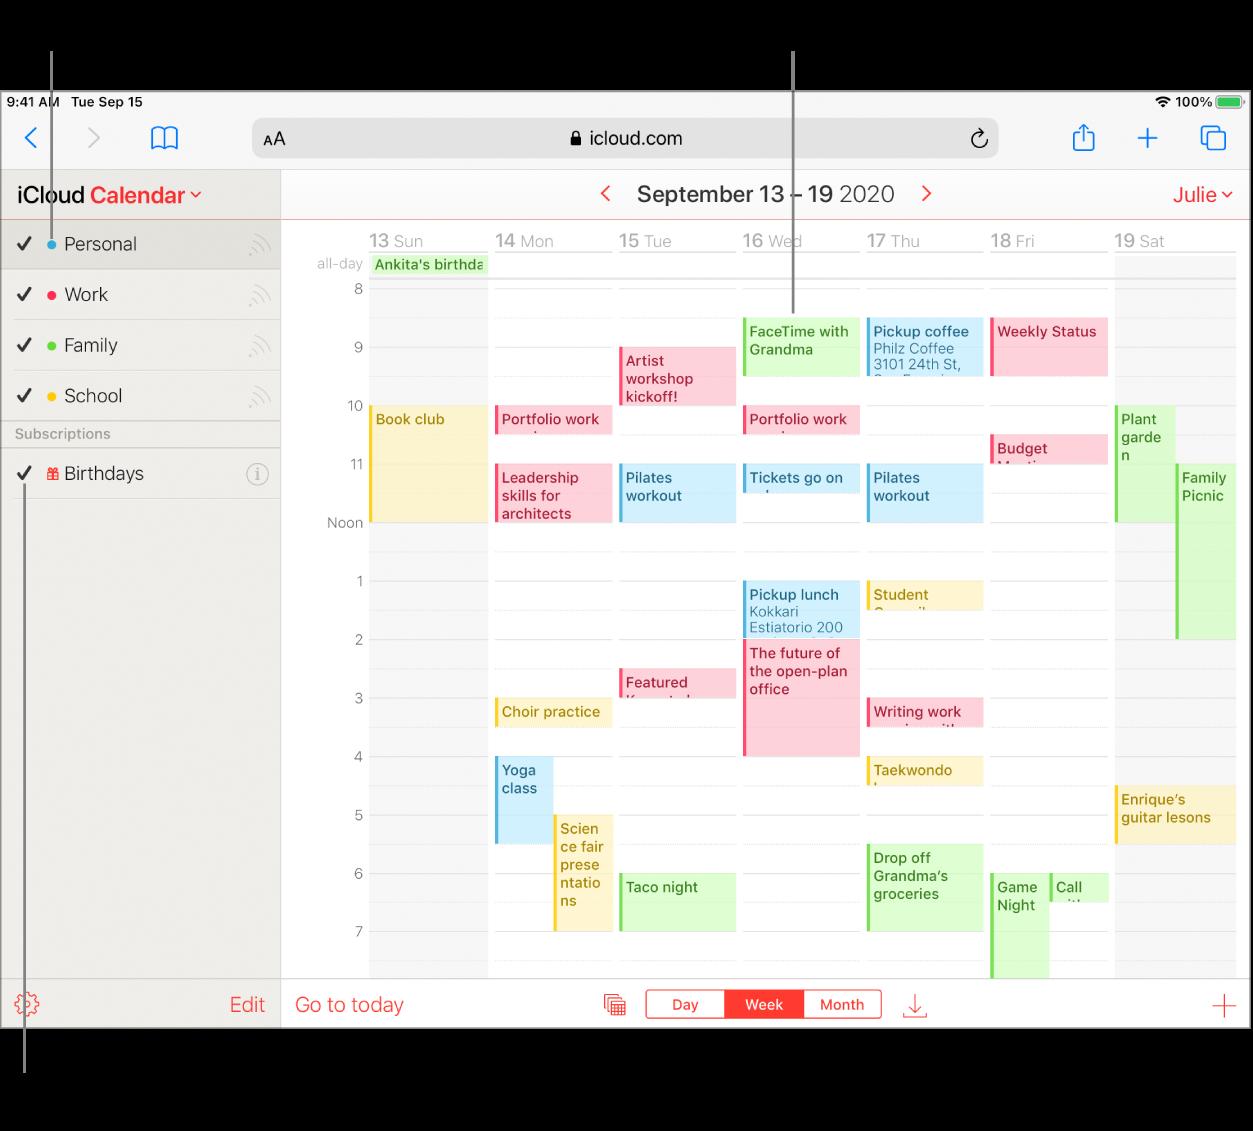 Вікно програми «Календар» iCloud із кількома відкритими календарями. Календарям можна призначати кольори. Колір події вказує на те, у якому календарі її створено. Поставте або зніміть мітку, щоб відобразити або сховати відповідний календар.